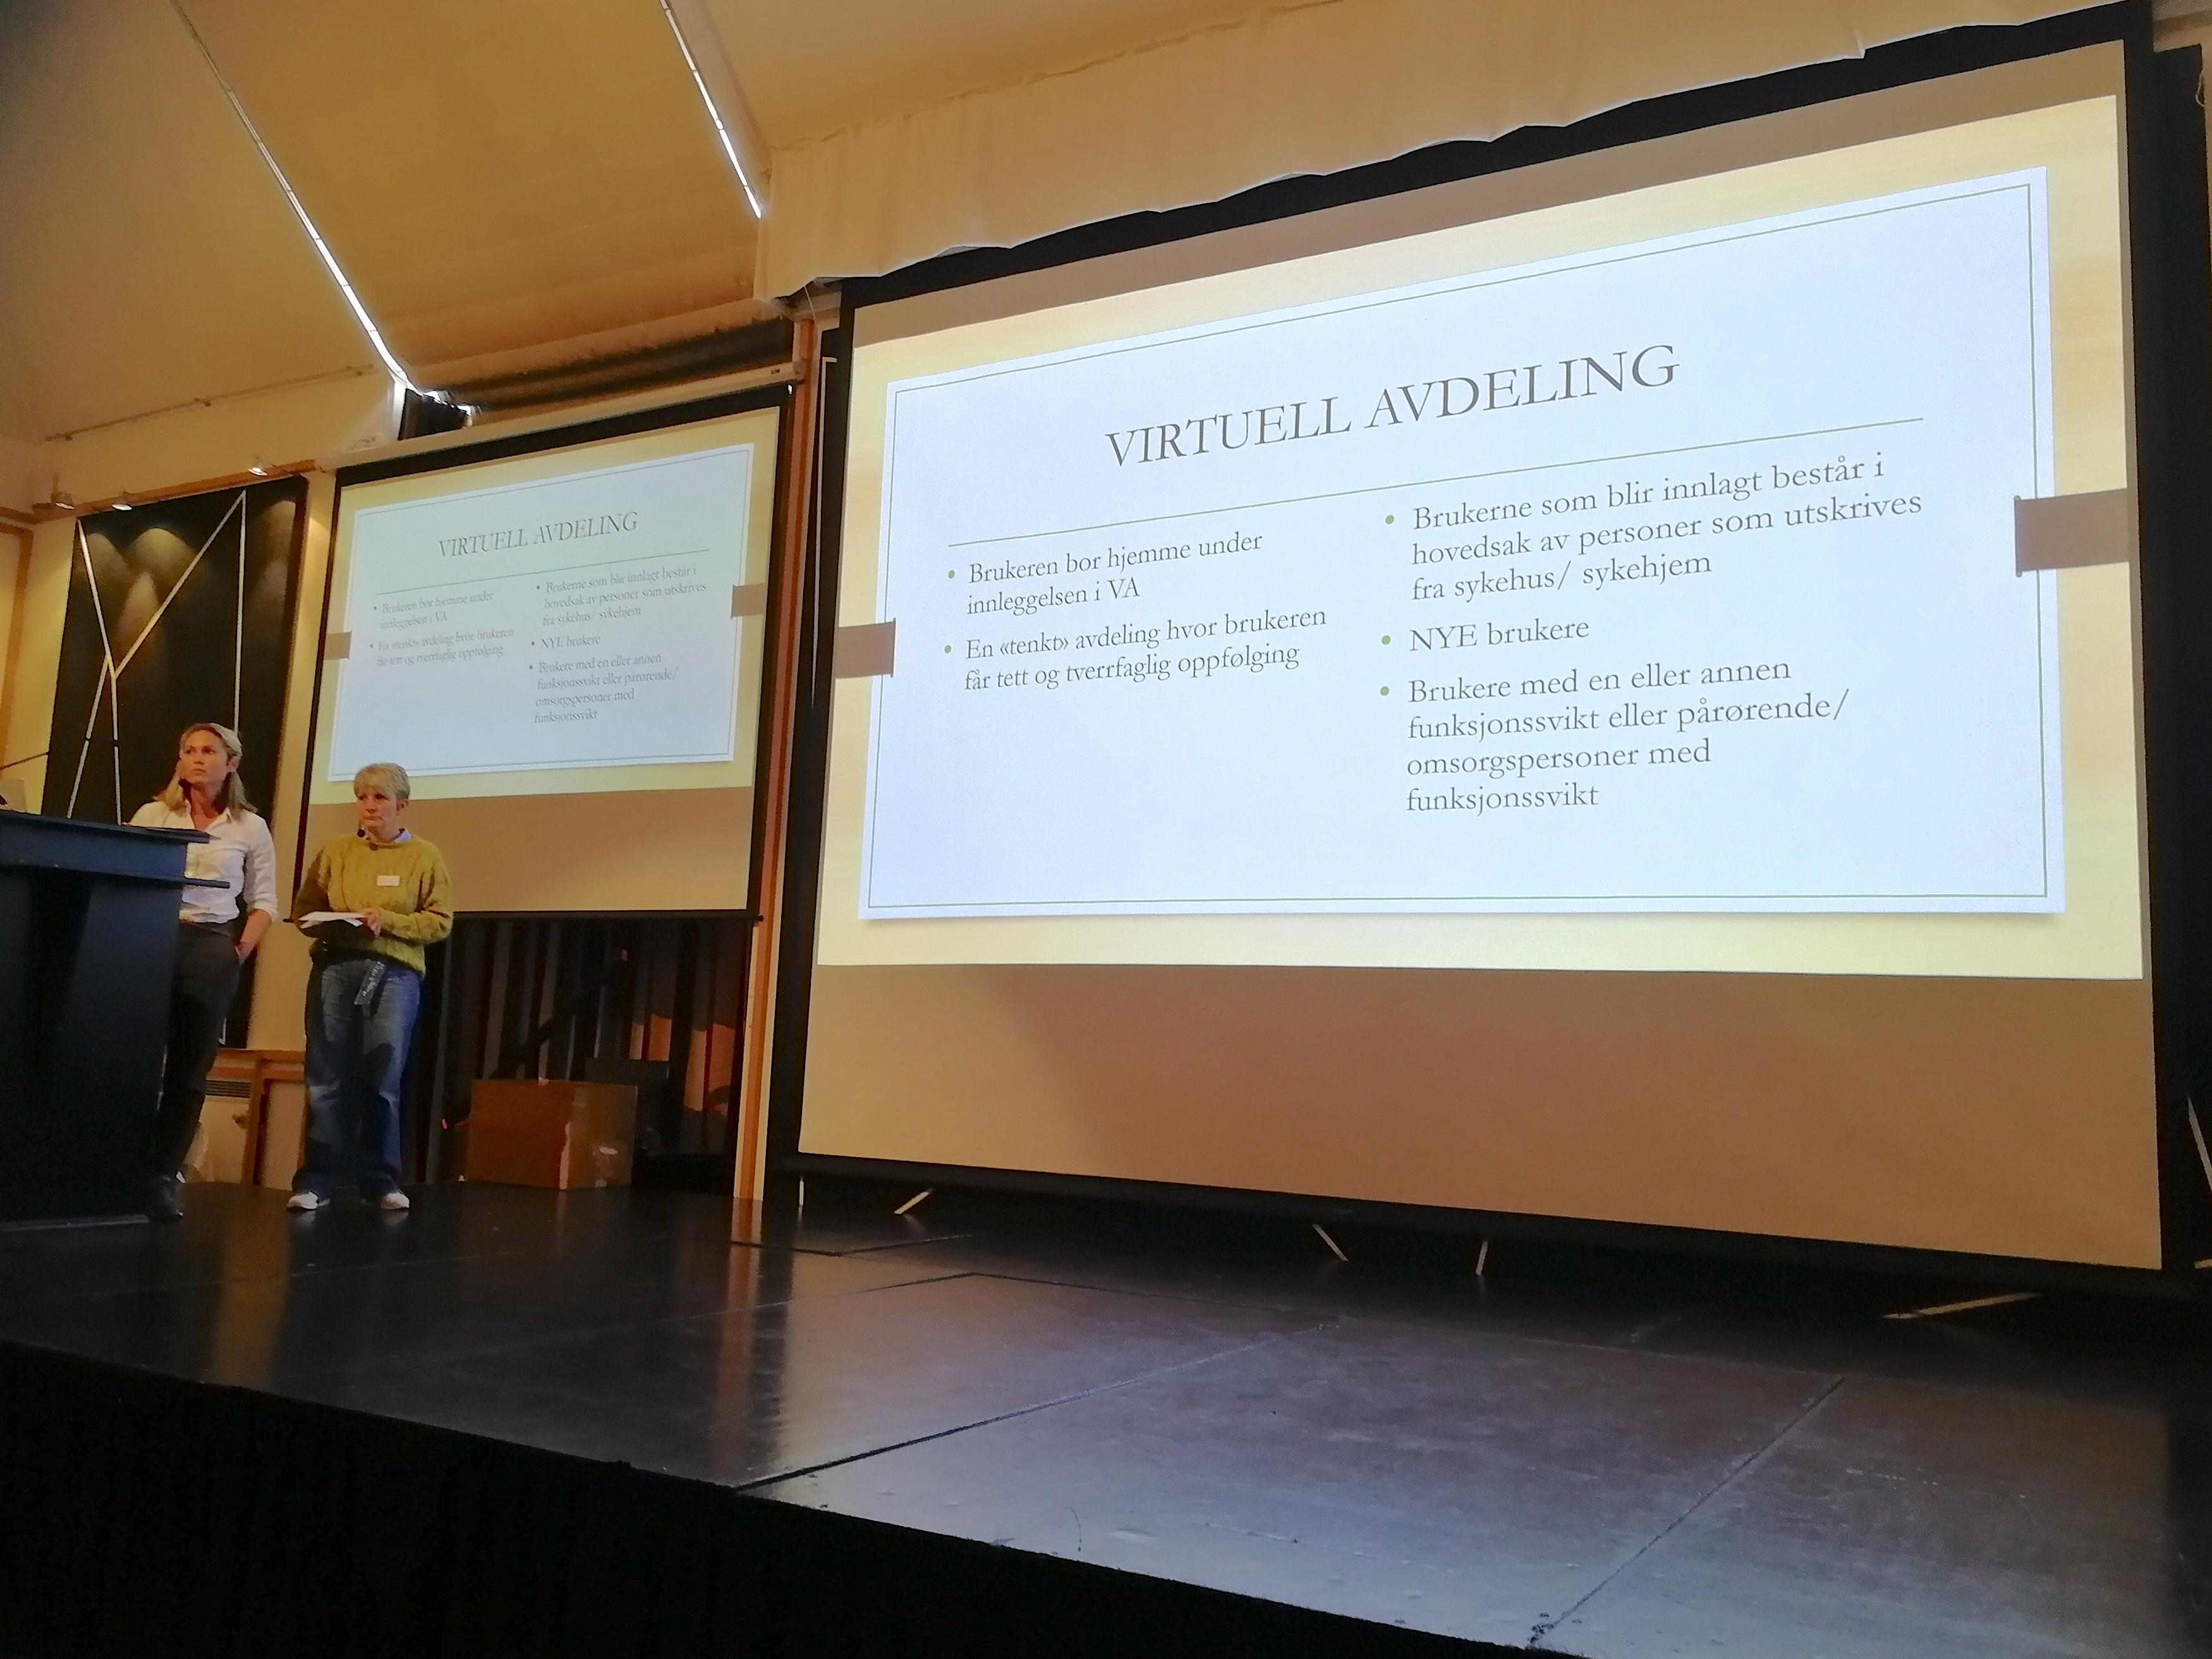 Smøla kommune forteller om suksessen med virtuell avdeling